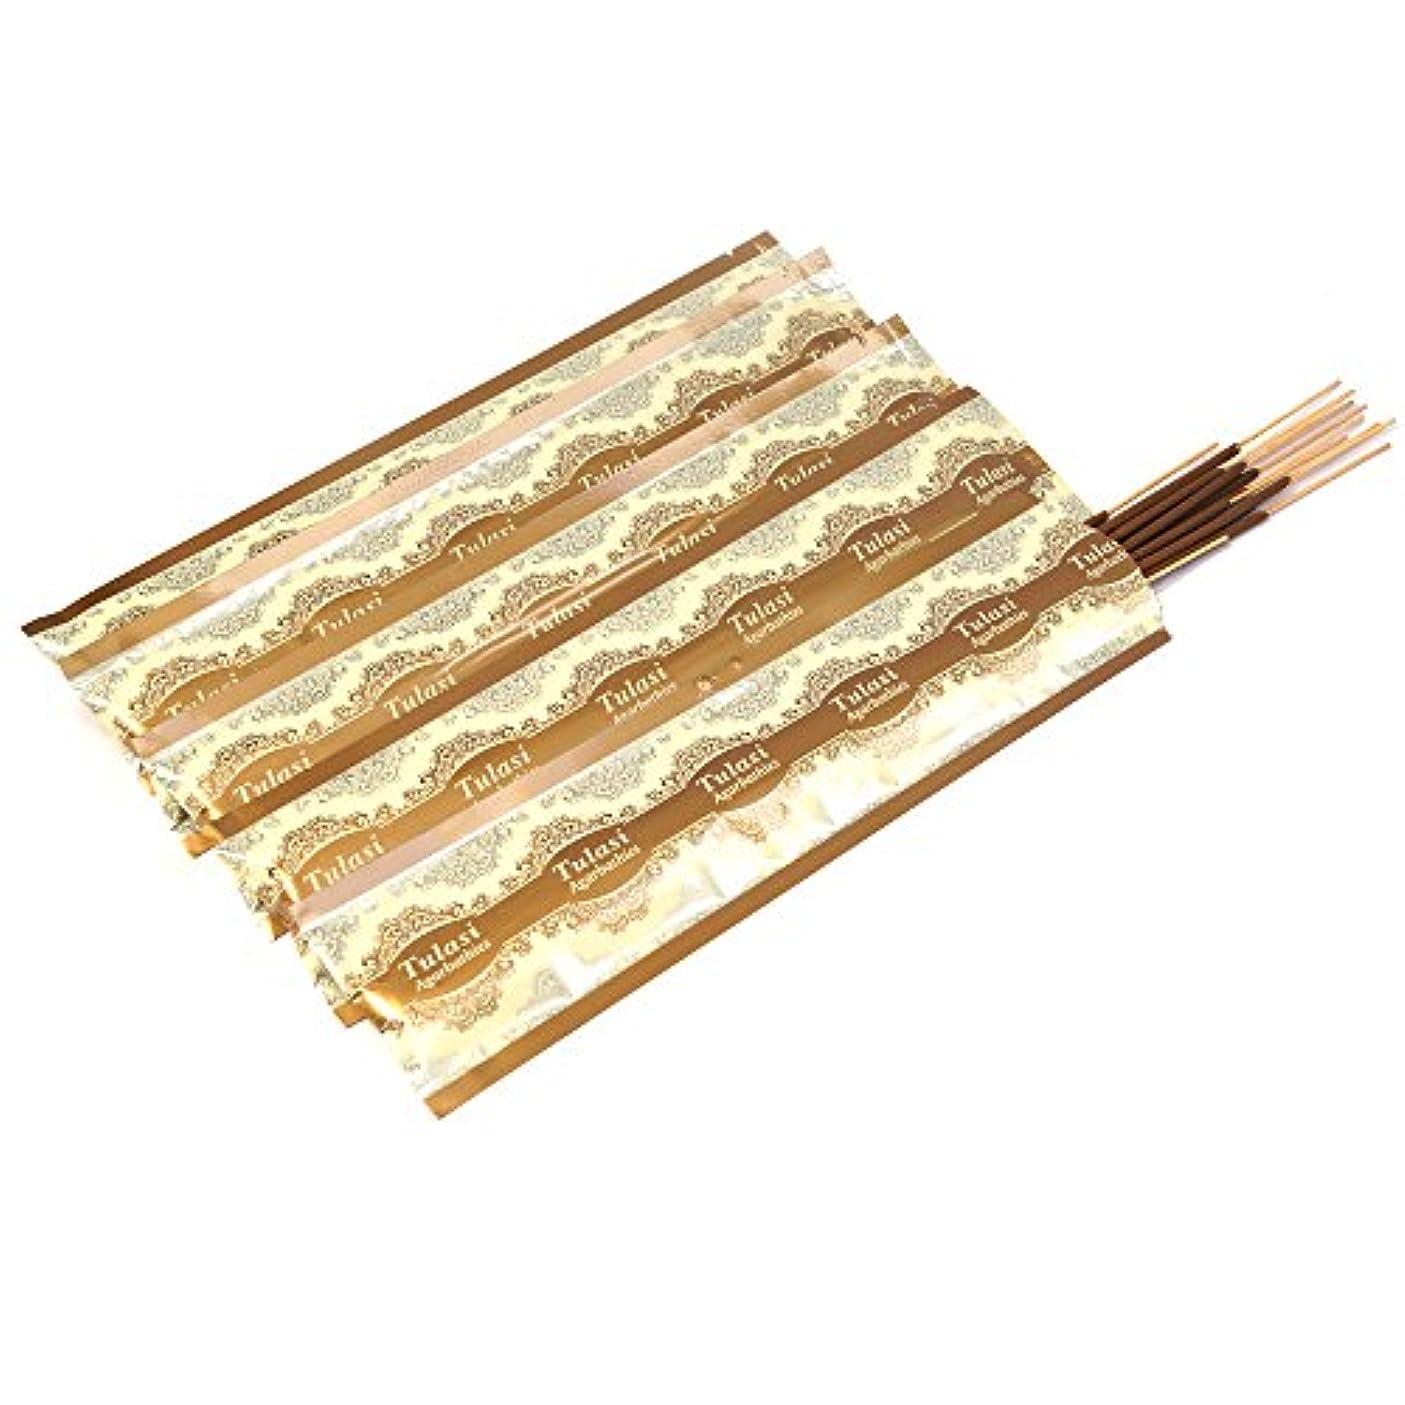 大使館量で嘆くFree Nag Champa variety Gift Pack in Herbal TreatジャンボAgarbatti | Incense Sticks Set of 15 Fragrances by Ikshvaku